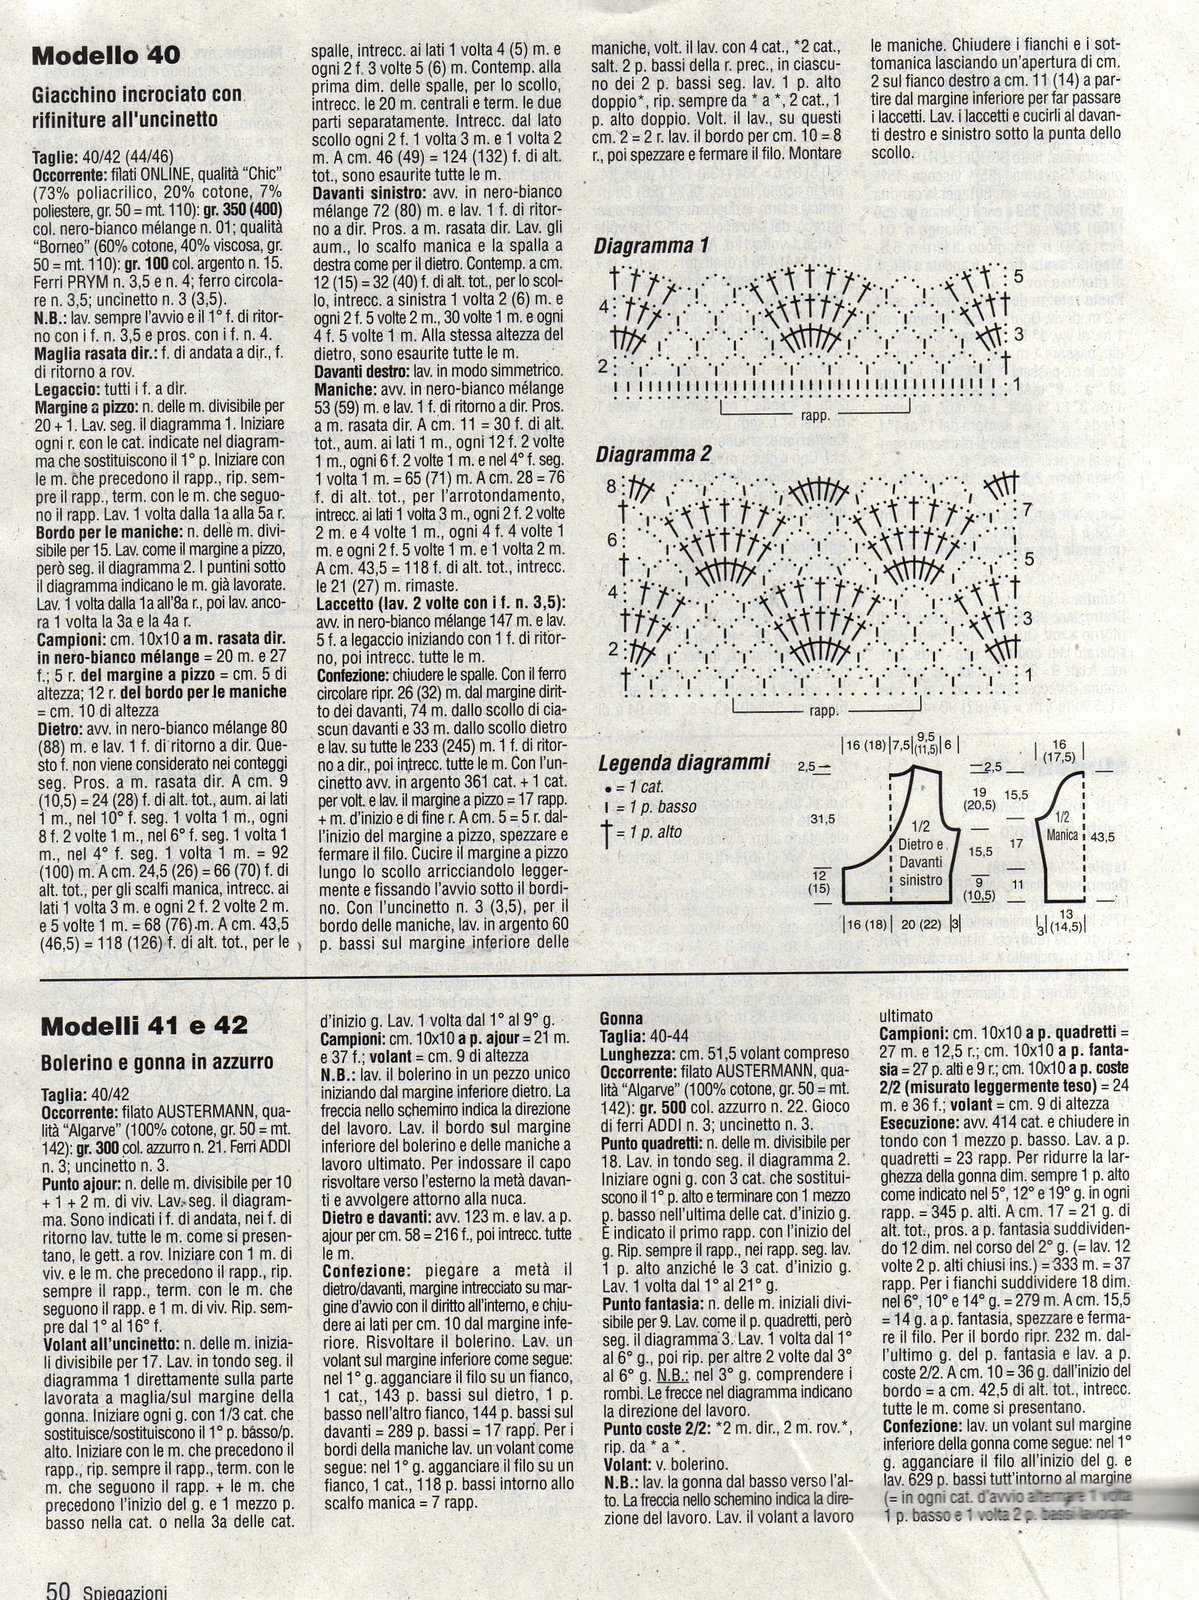 Giacchino Maglia Donna Con Rifiniture Alluncinetto 2